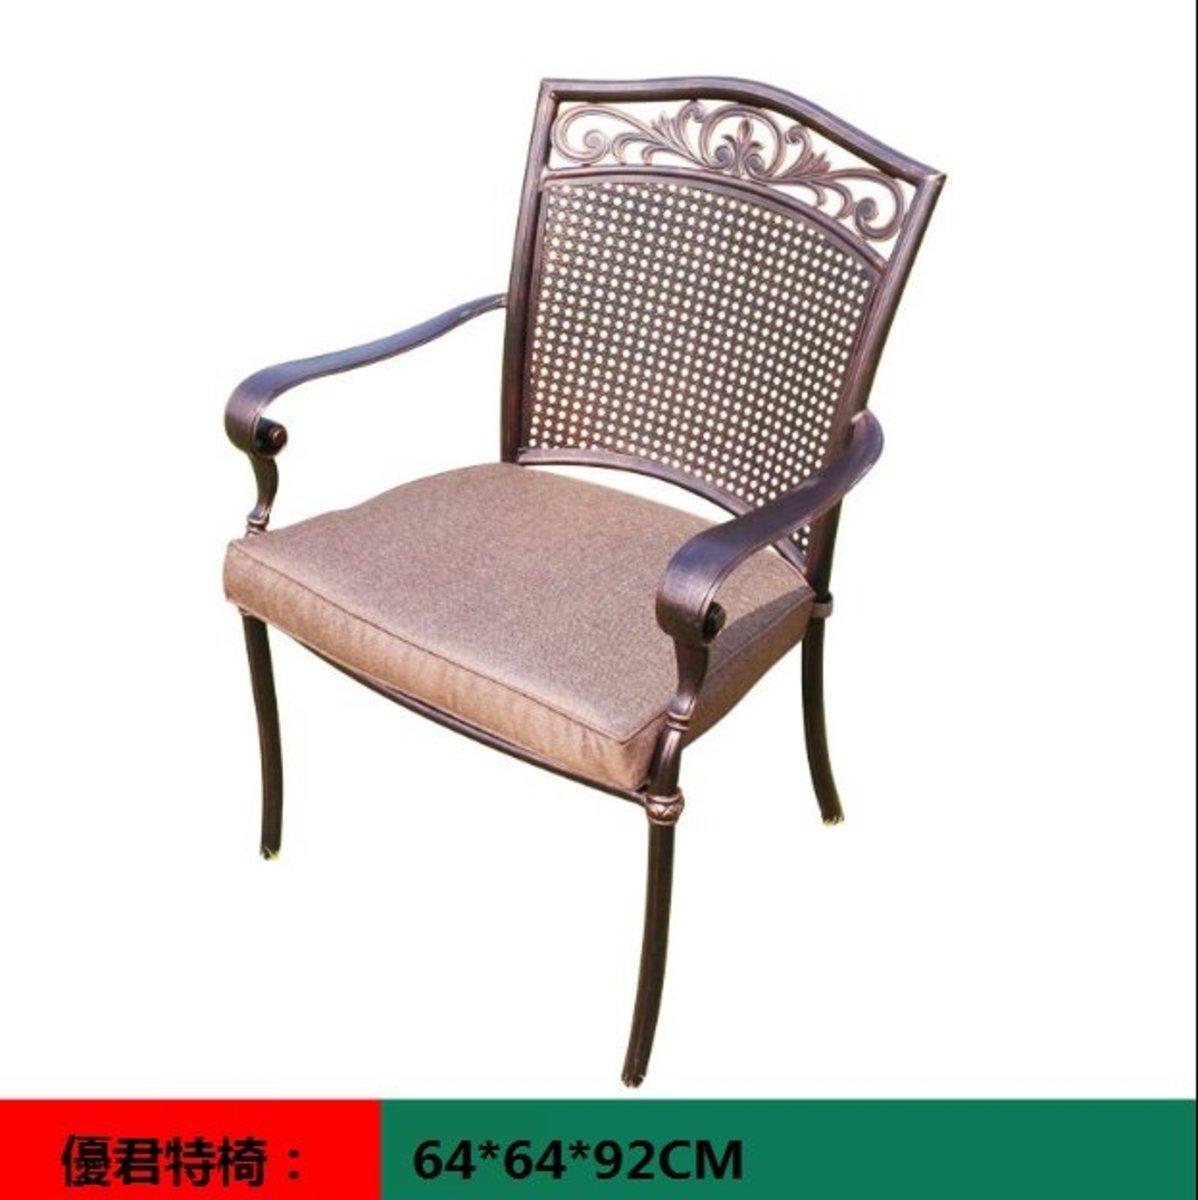 室外咖啡廳歐式餐桌椅(優君特椅:64*64*92CM)